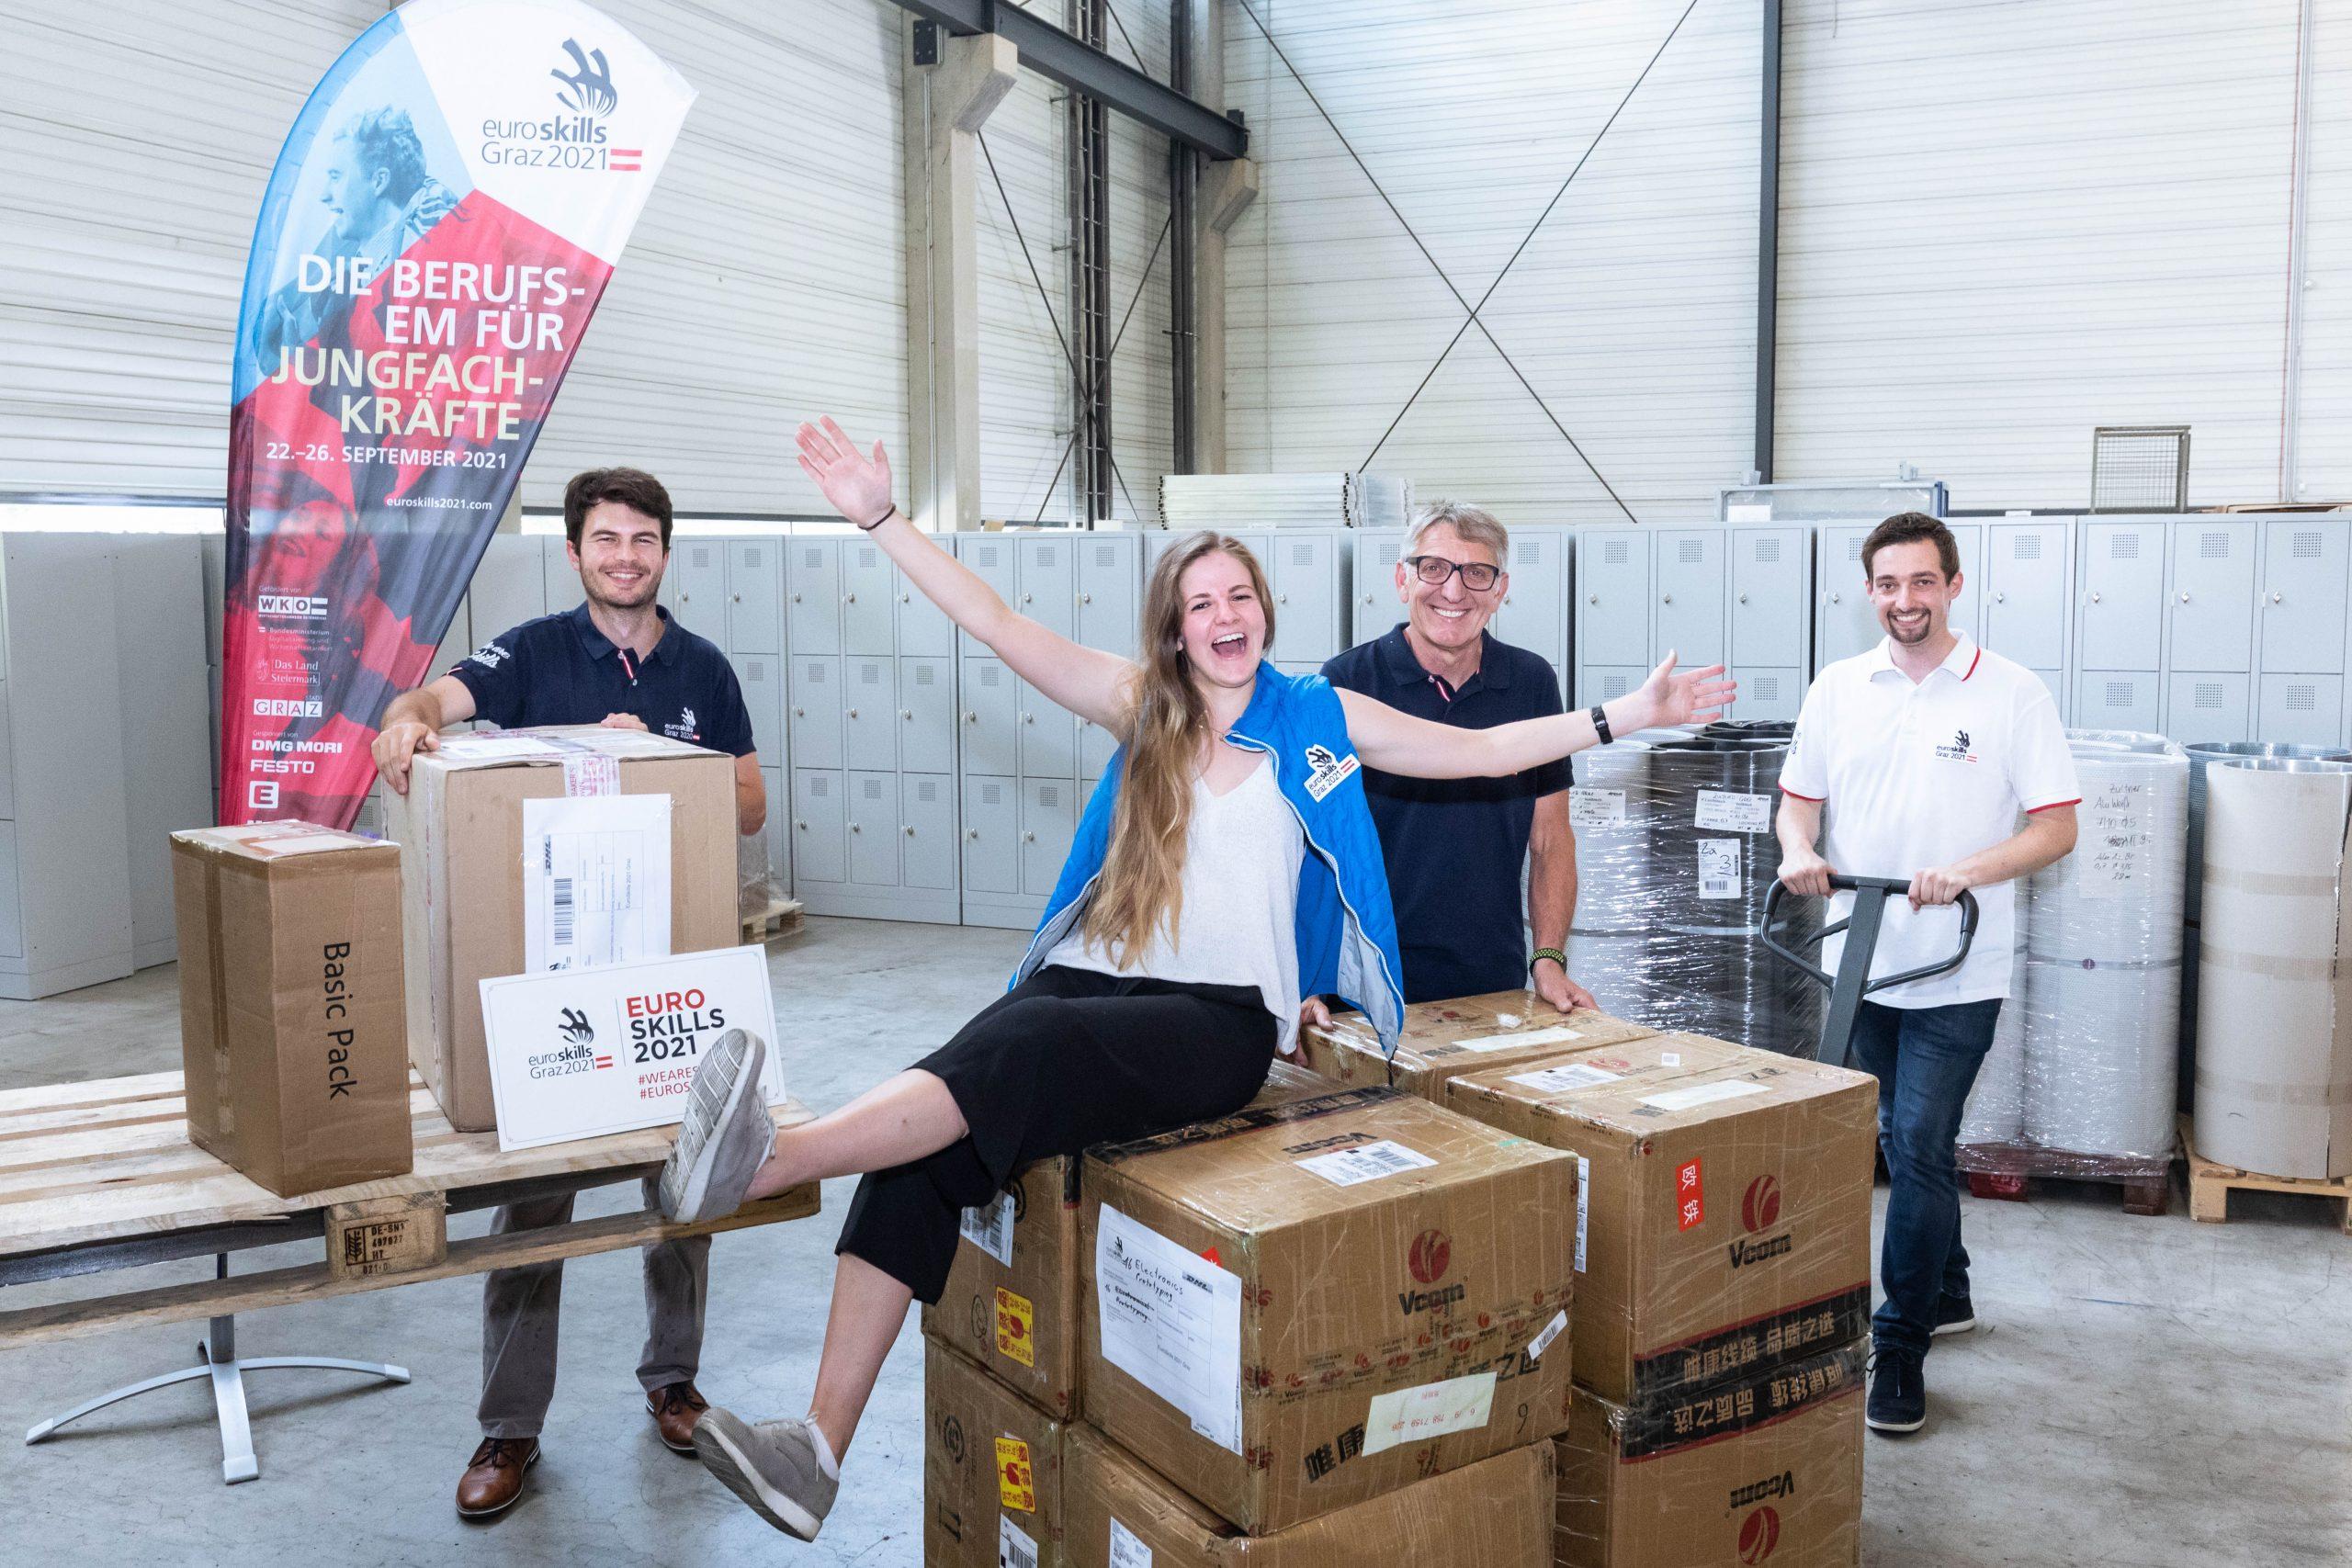 Viel Freude bei den Vorbereitungen: Das EuroSkills-Team rund um Thomas Burger (l.), Katharina Schellnegger und Christoph Grillitsch (r.) wird von Präsident Josef Herk unterstützt. (Foto: Geopho)